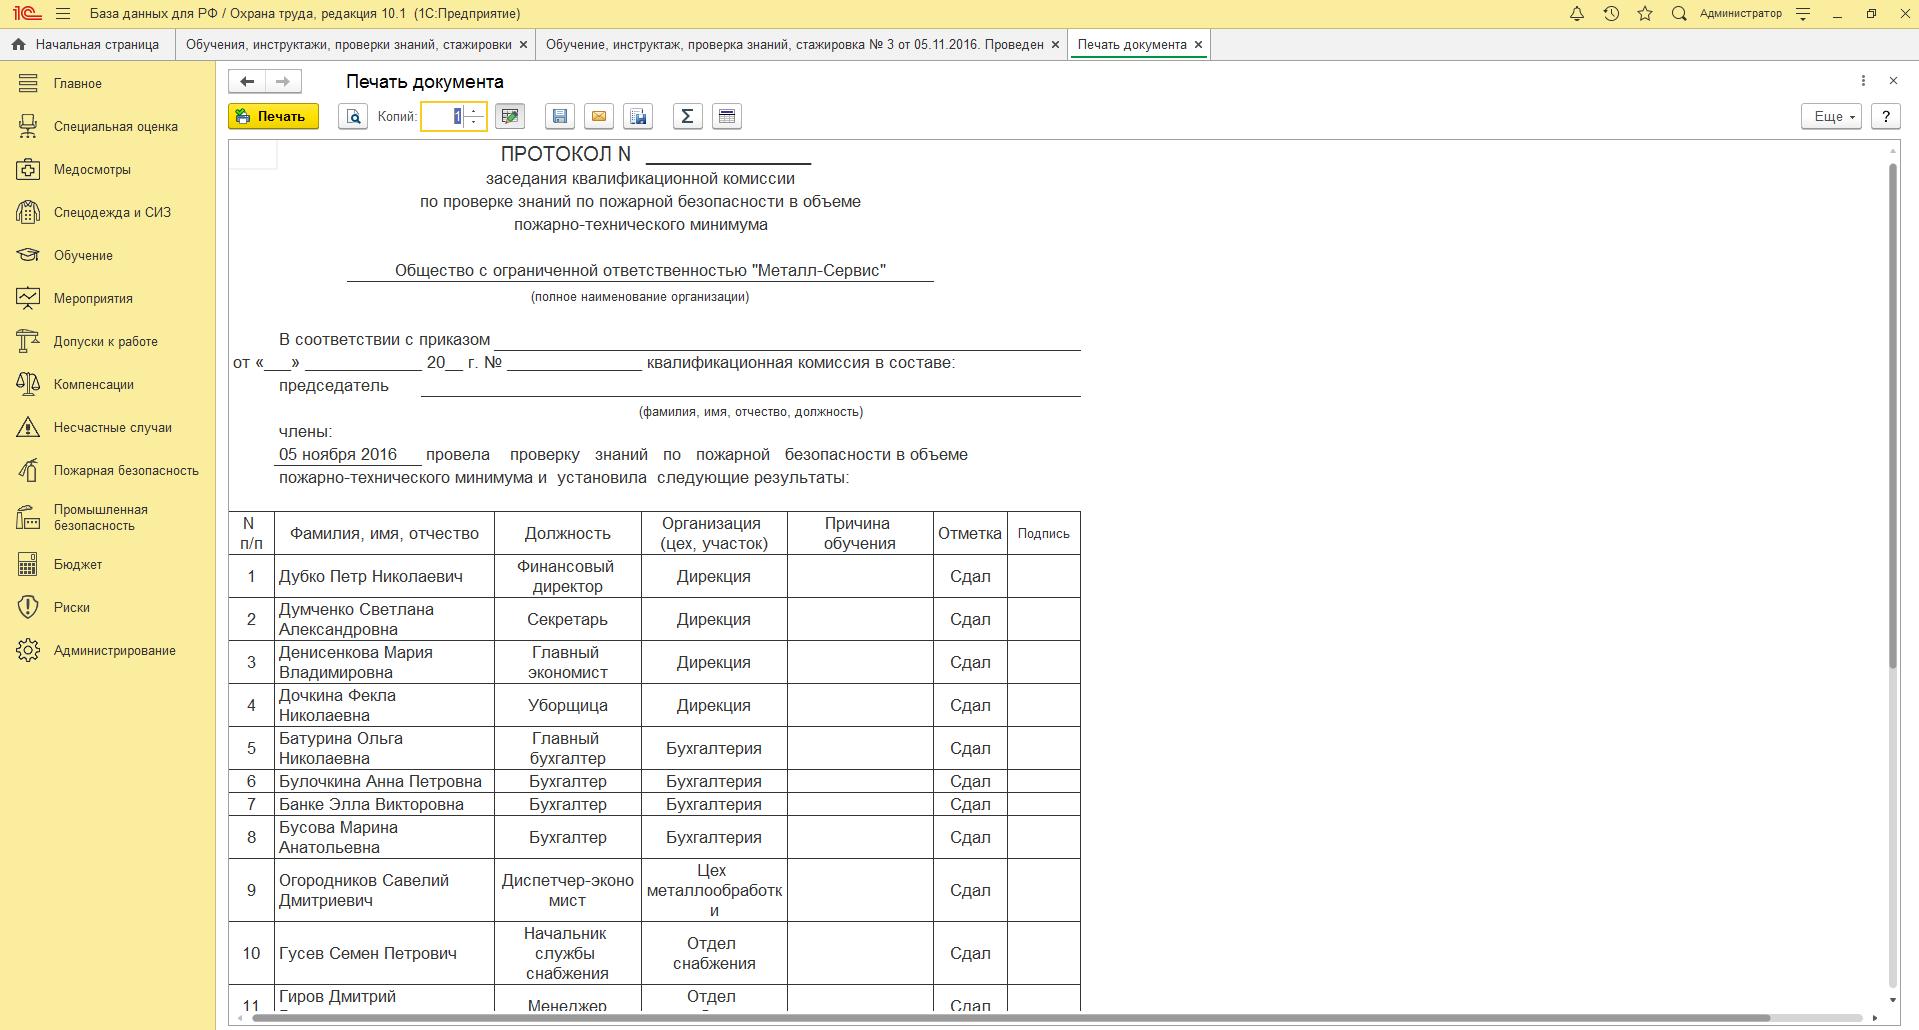 Печатаная форма Протокол заседания квалификационной комиссии по проверке знаний по пожарной безопасности Охран труда для 1С